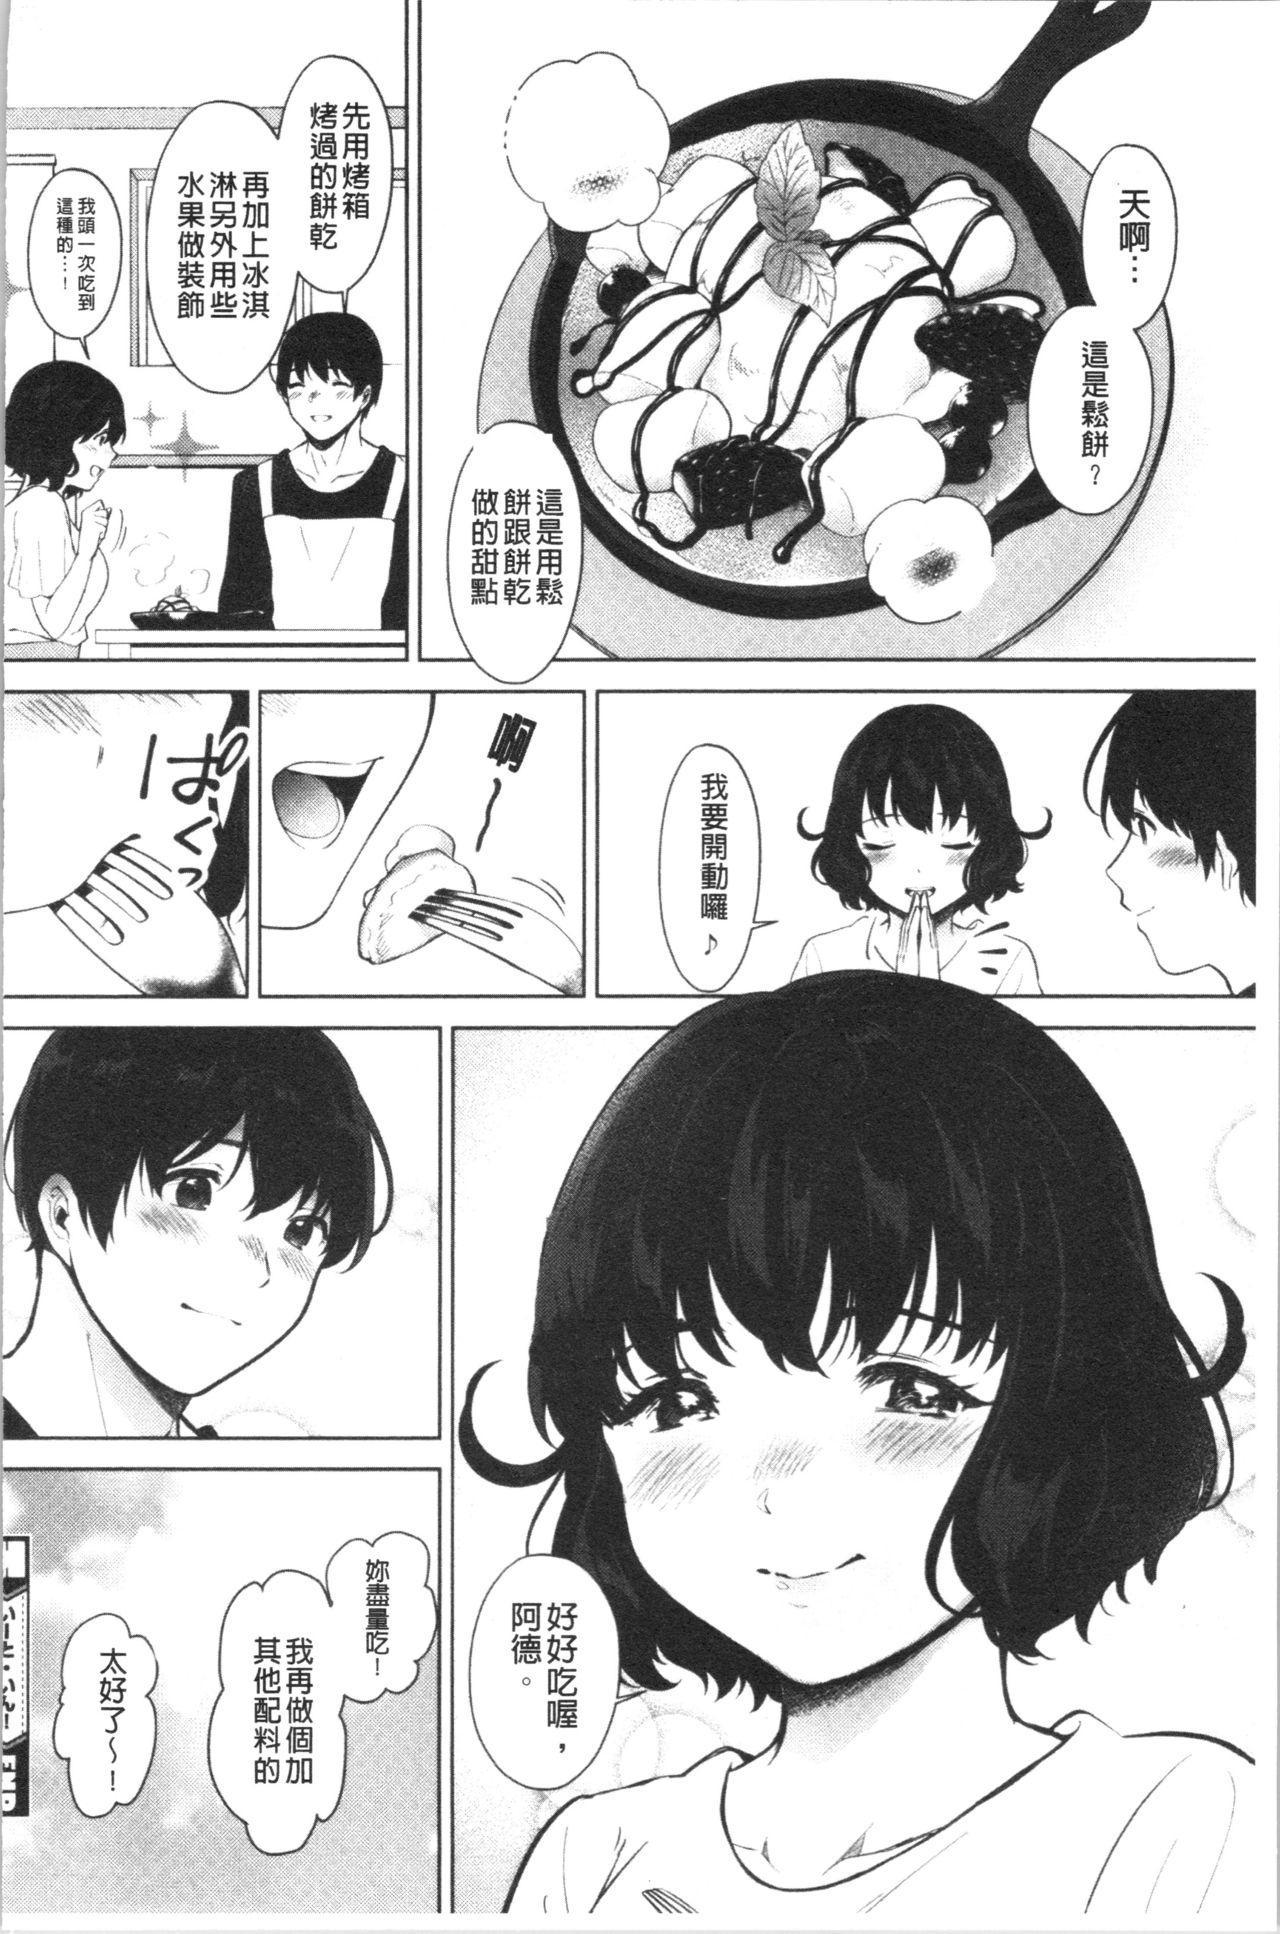 #Echi Echi Joshi to Tsunagaritai | #好色淫蕩女子想和她搞一下 134